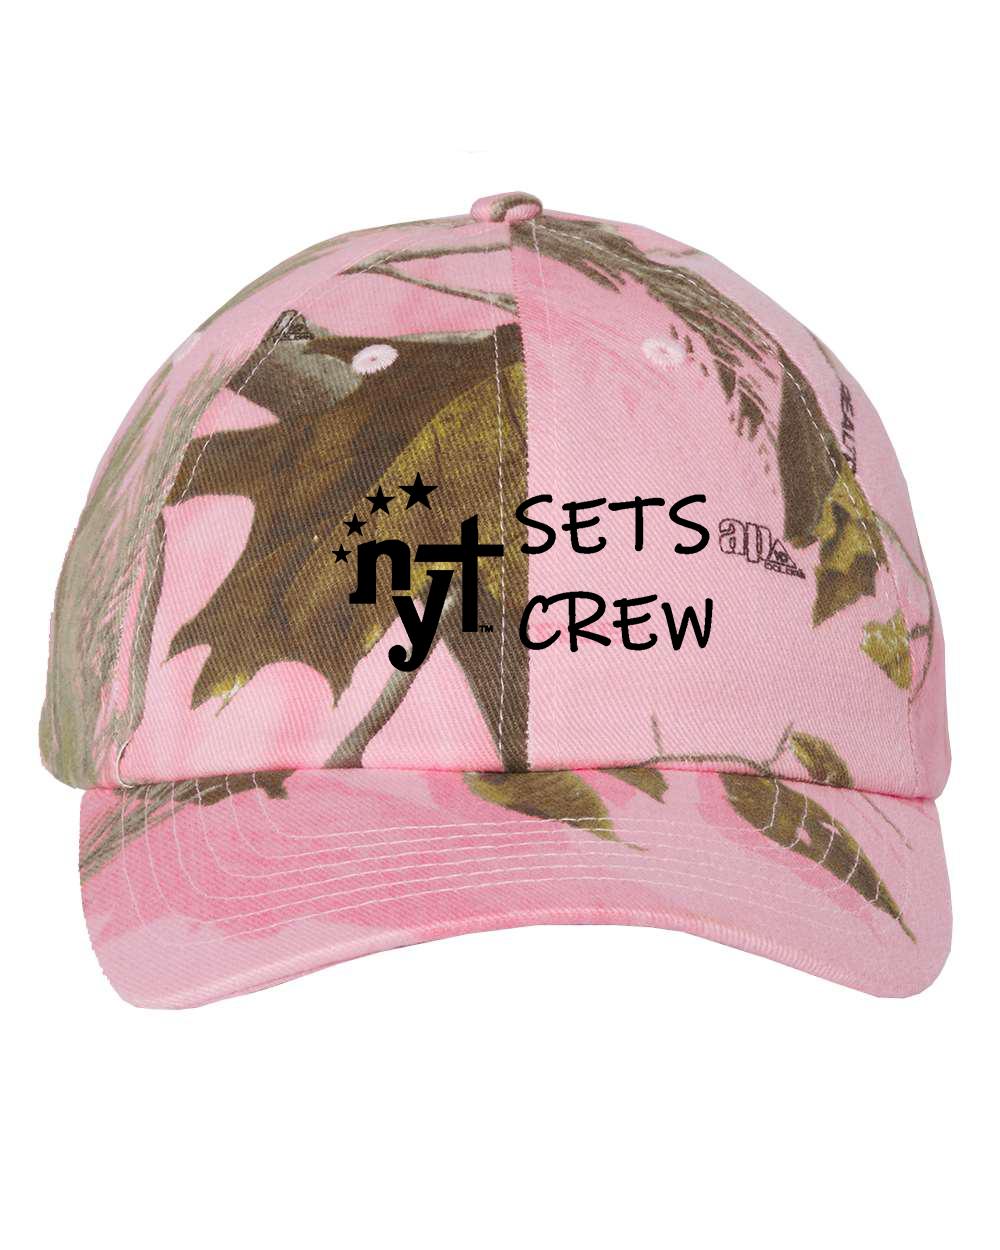 custom design of KATI MO25 Solid Crown Camoflage Cap